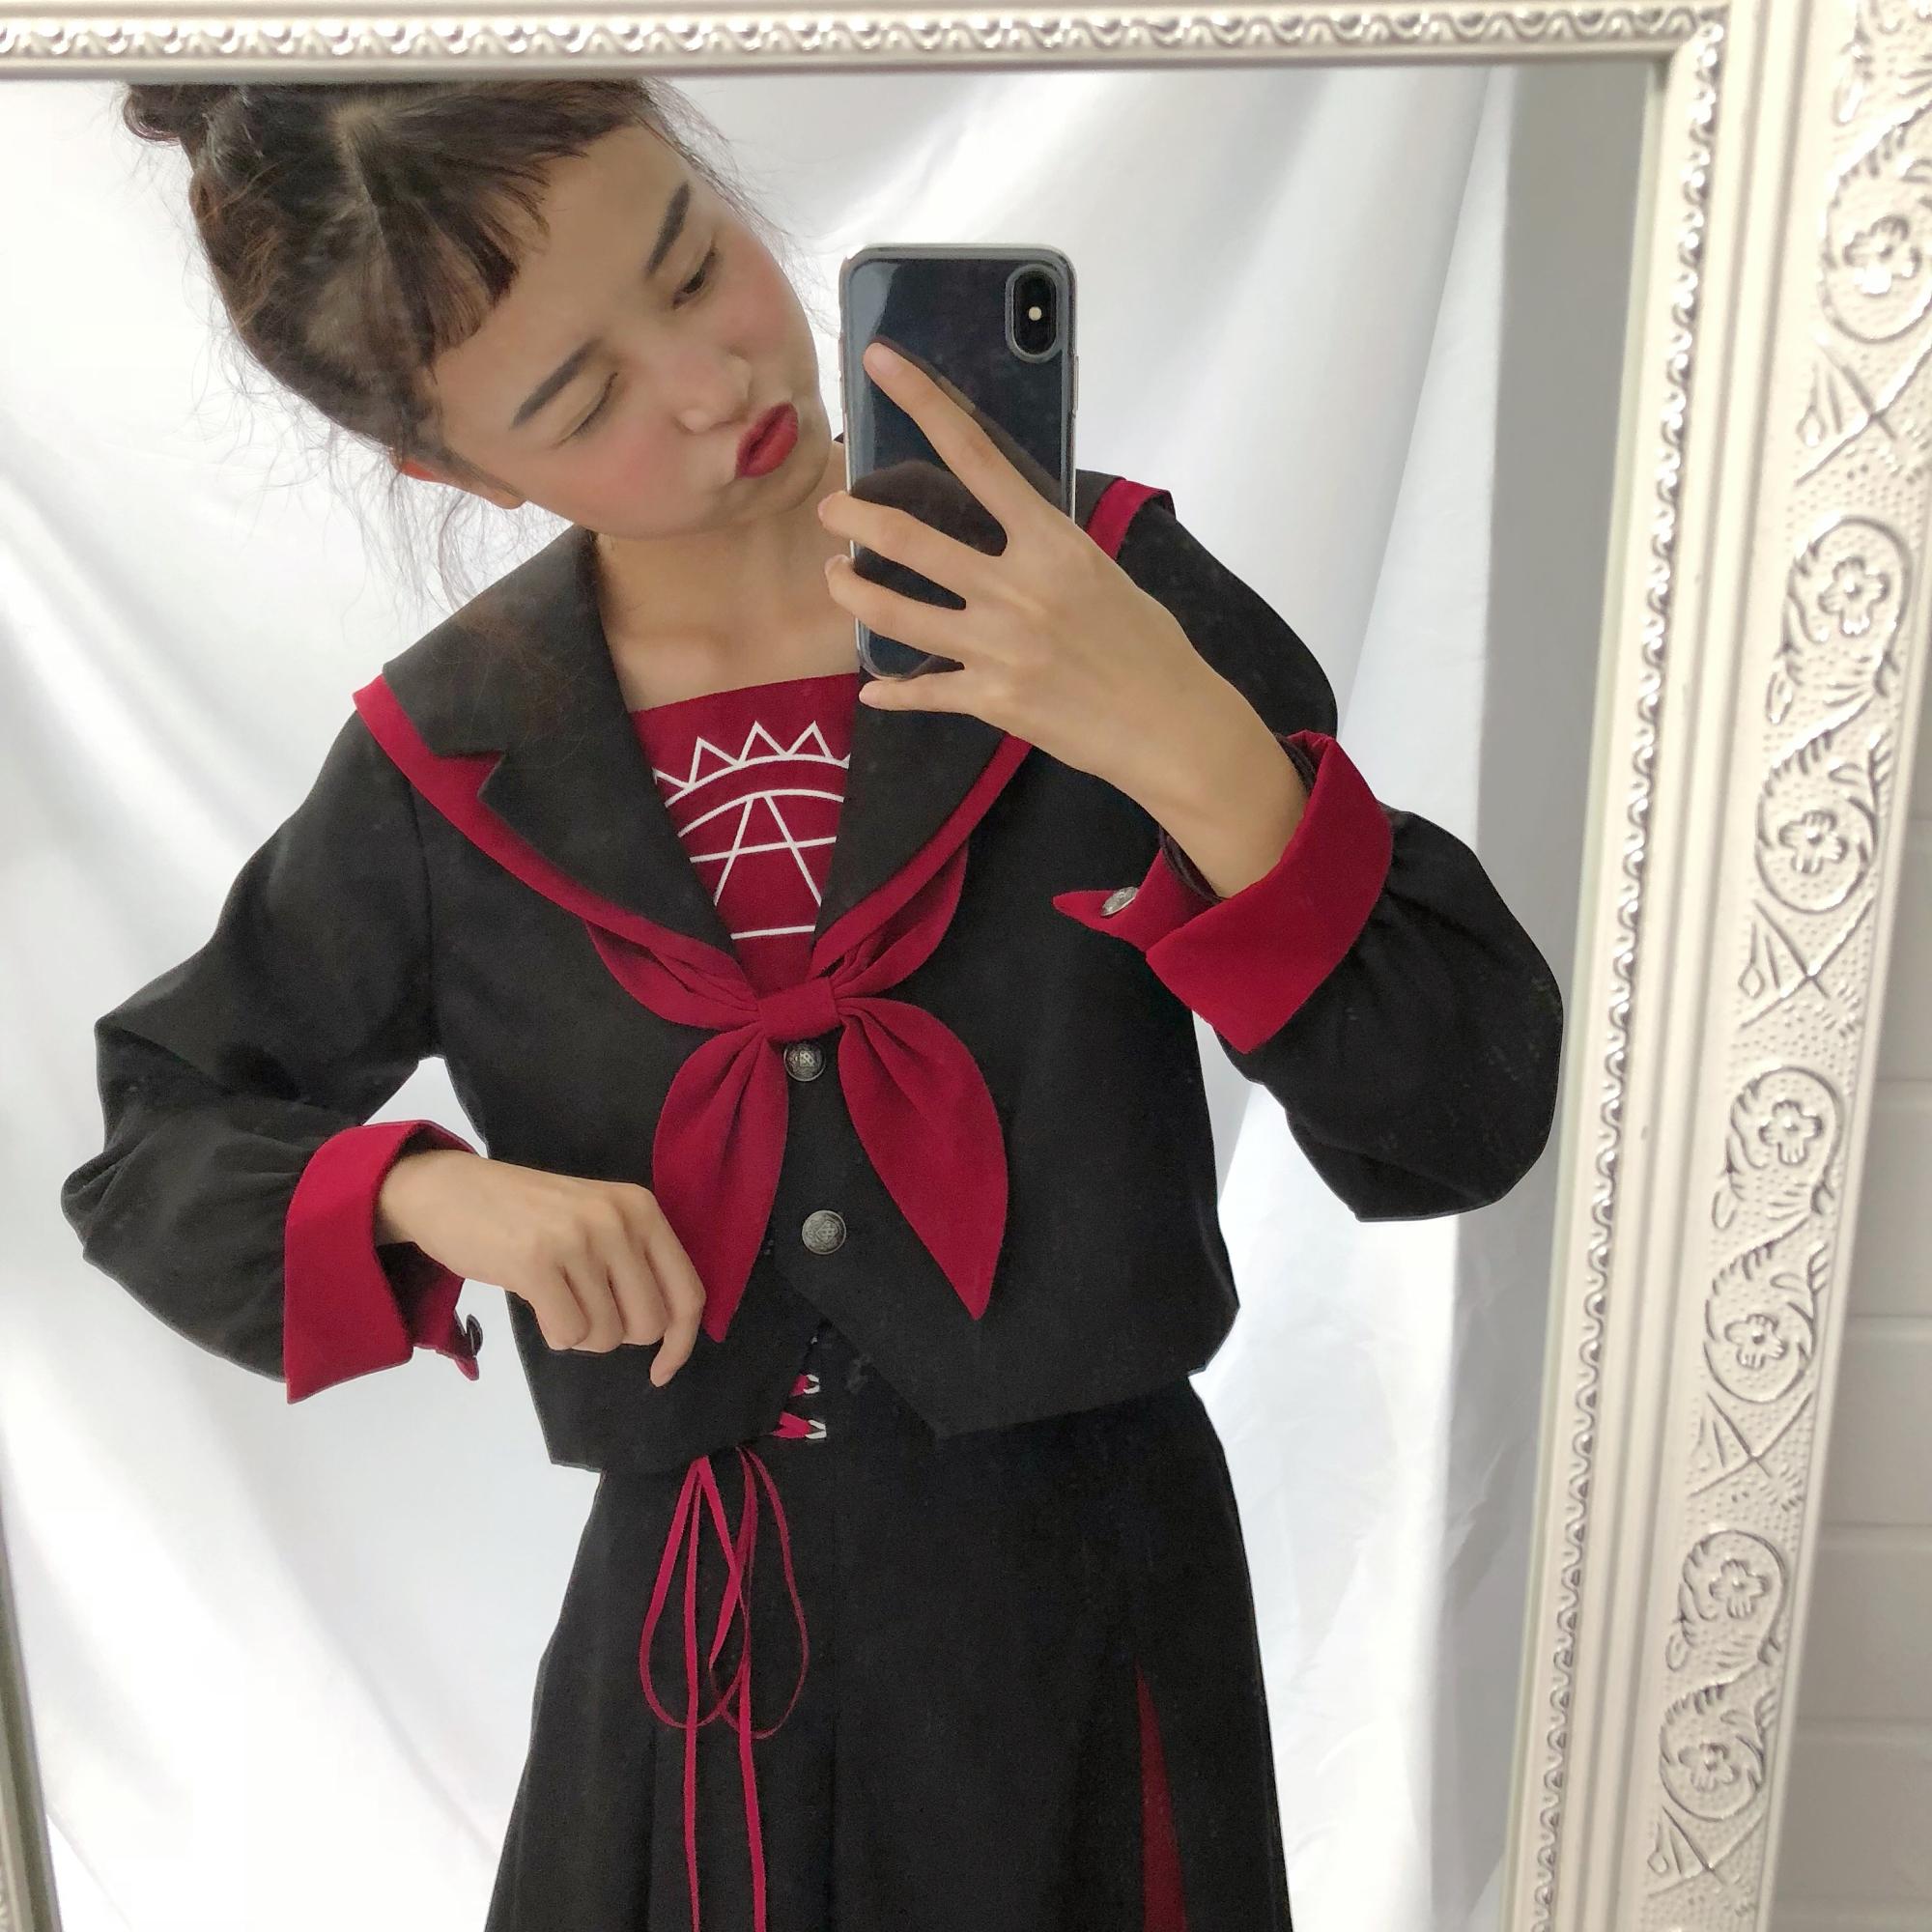 日系水手服魔法阵软妹中间服夏季短袖JK制服女学生班服学院风套装